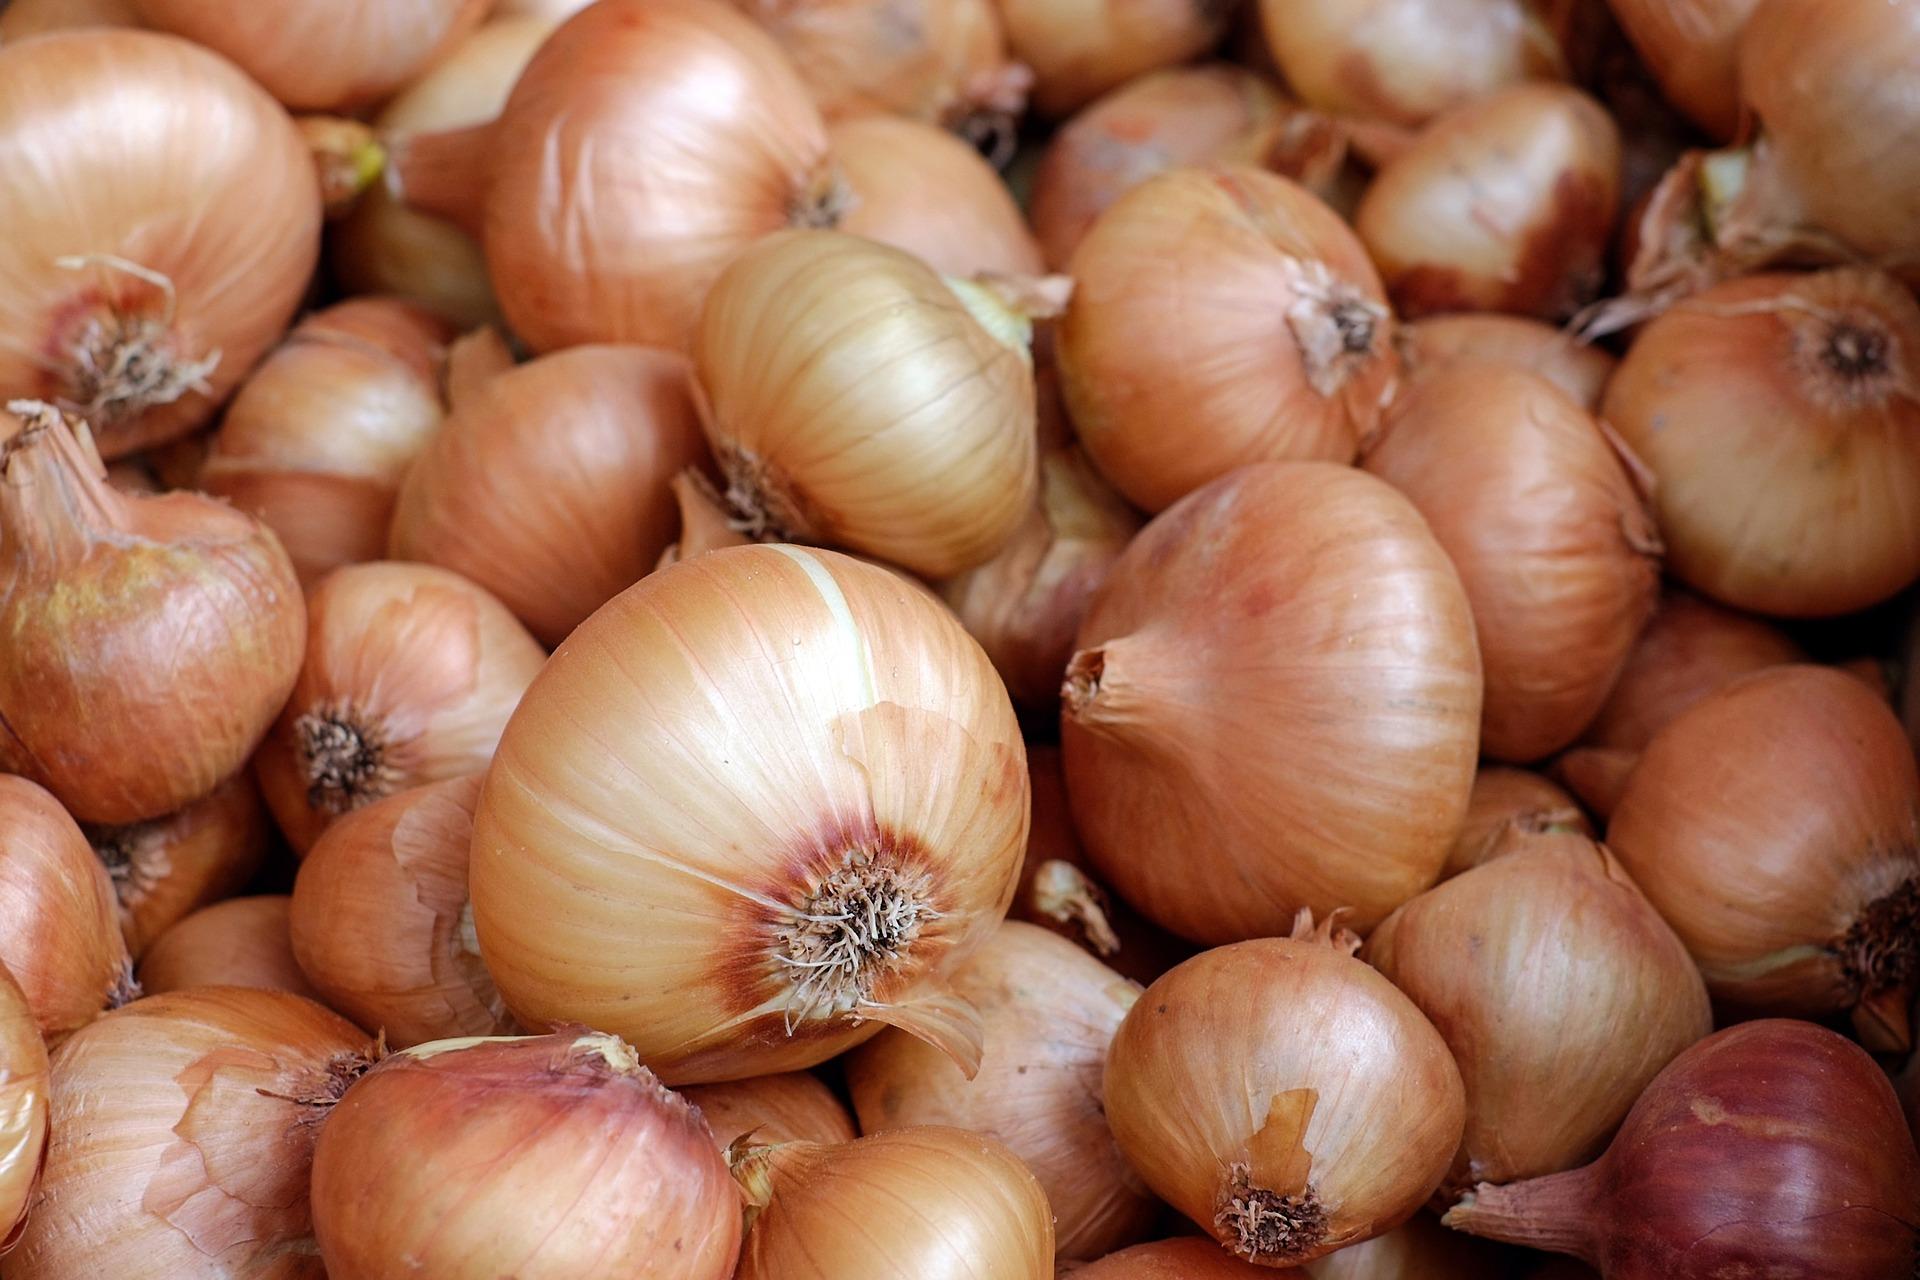 O Procon de Vitória divulgou uma pesquisa comparativa de preços relacionados à Páscoa, em 2021. Produtos como a cebola podem ser encontrados em marcados da capital sendo comercializados por uma diferença de preços de 100%. Crédito: Pixabay